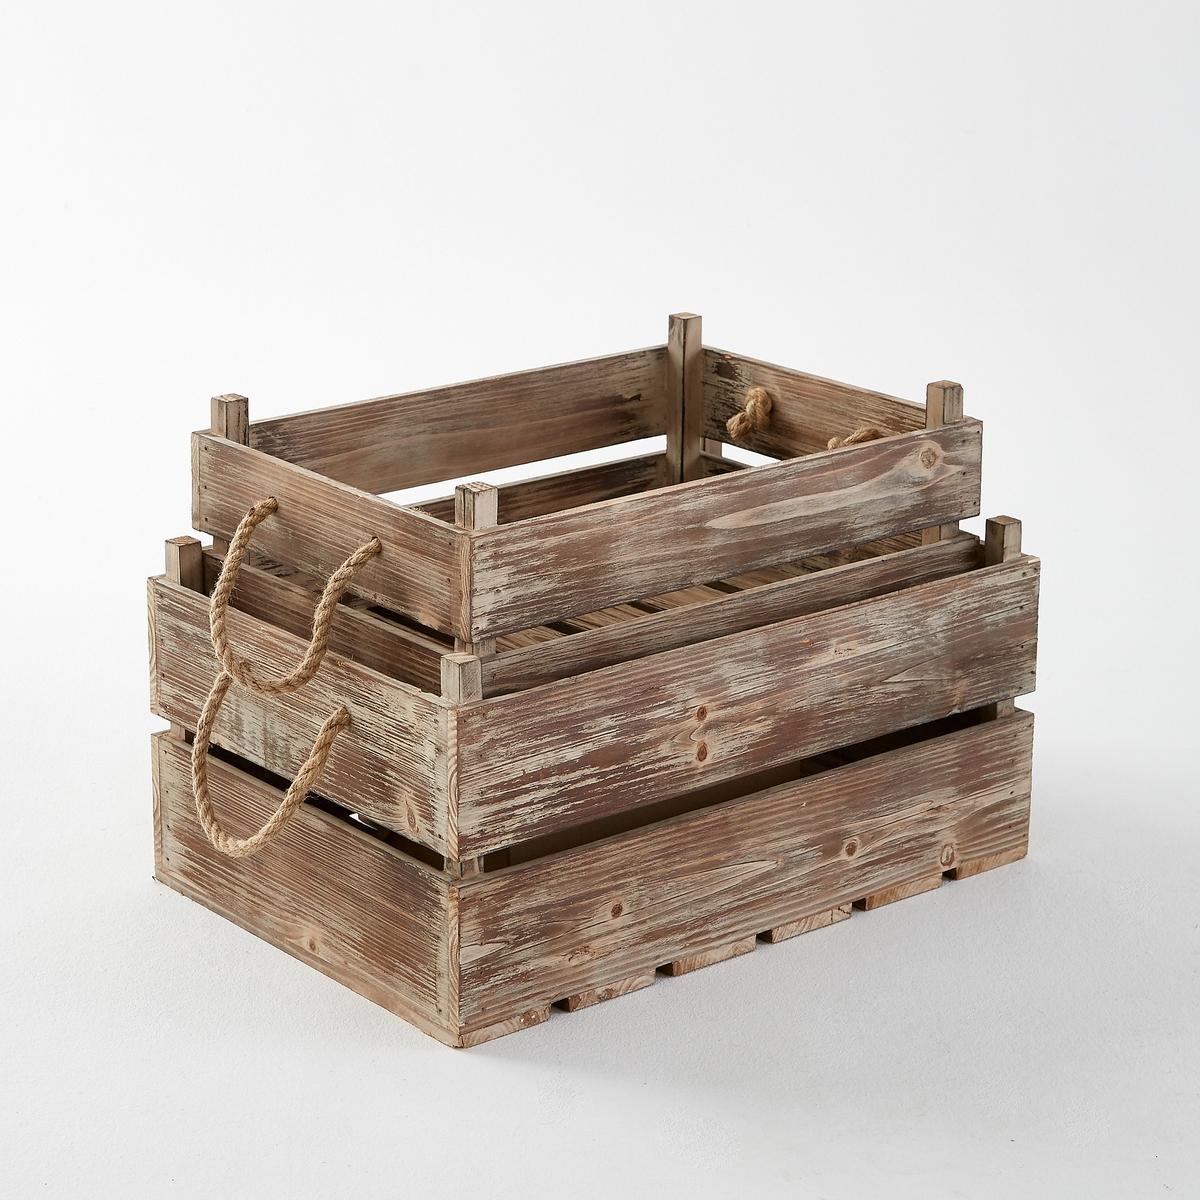 2 декоративных ящика, Perrine2 ящика Perrine. 2 декоративных ящика разного размера, сочетающие шарм провинции с современным декором, для размещения декоративных предметов, книг...Характеристики ящиков Perrine :Ель и брус из ели 10 мм.Выбеленная отделка.2 ручки из плетеной веревки.Размеры ящиков Perrine:Маленькая модель : 52,1 x 25,5 x 35,8 см+Большая модель: 45 x 19 x 31,2 смНайдите предметы для декора и хранения вещей на сайте laredoute.ruРазмеры и вес упаковки :1 упаковка61 x 42 x 33 см5,1 кгДоставка ящиков Perrine в собранном виде.<br><br>Цвет: серо-бежевый